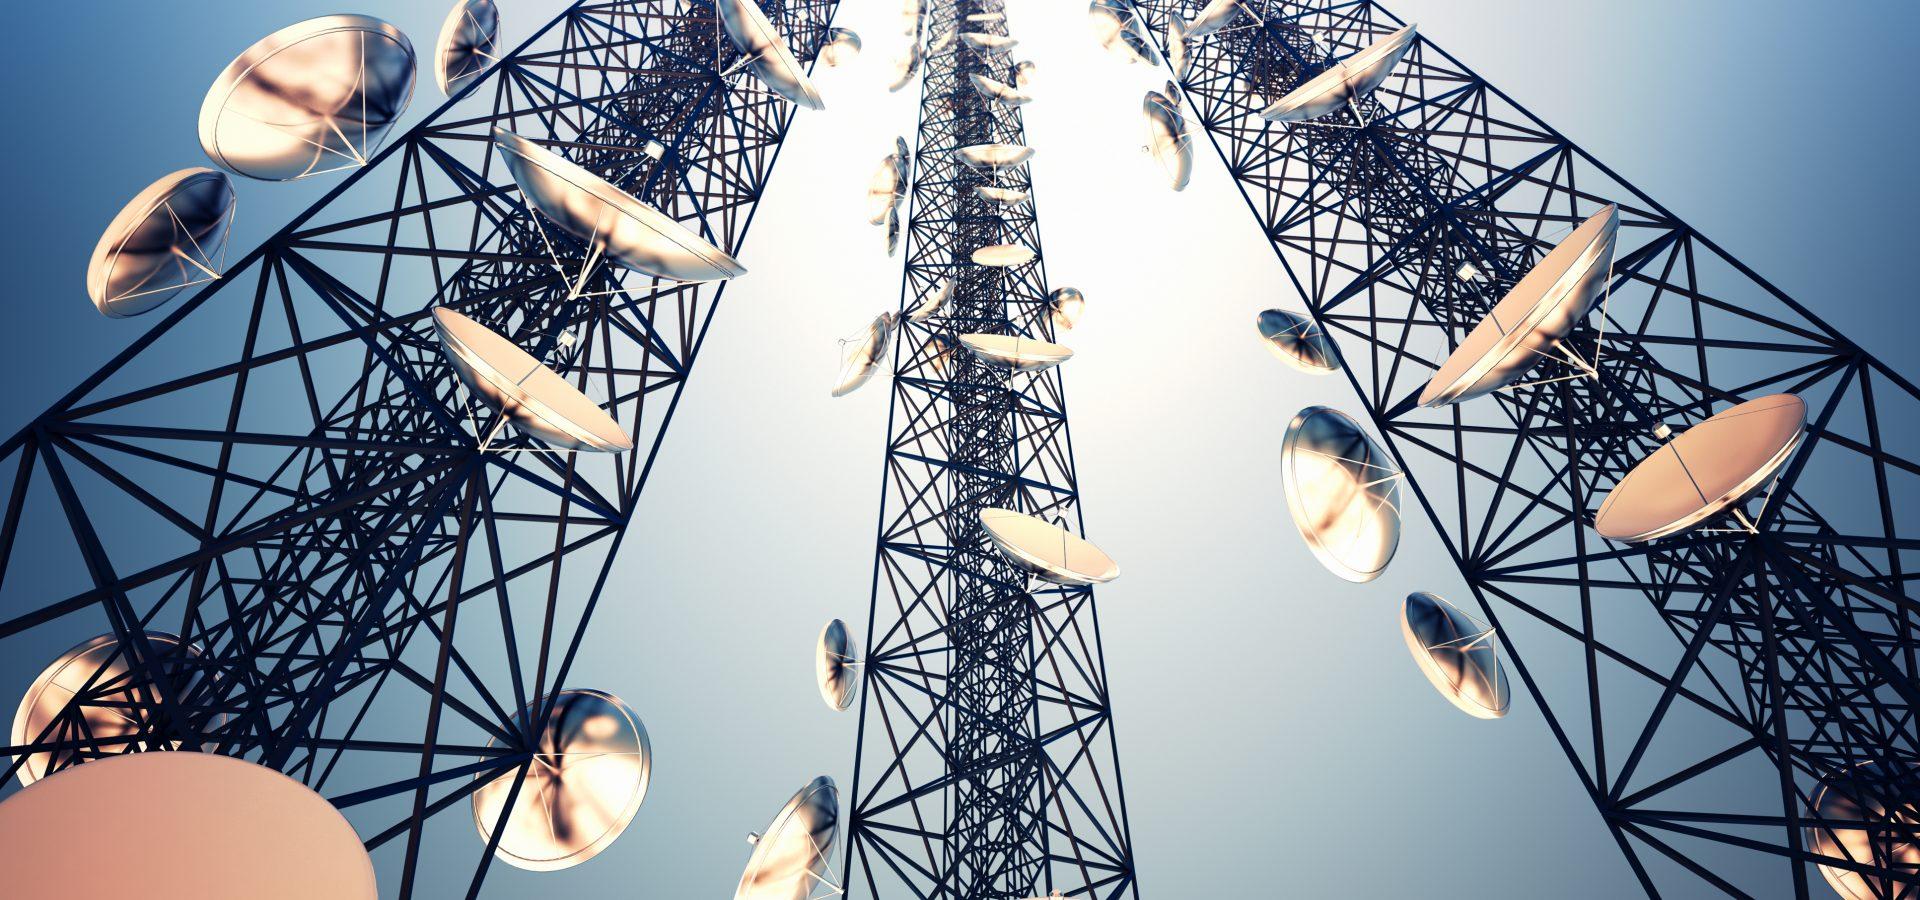 Energie des télécommunications : les 10 tendances émergentes pour les 5 prochaines années. © DR